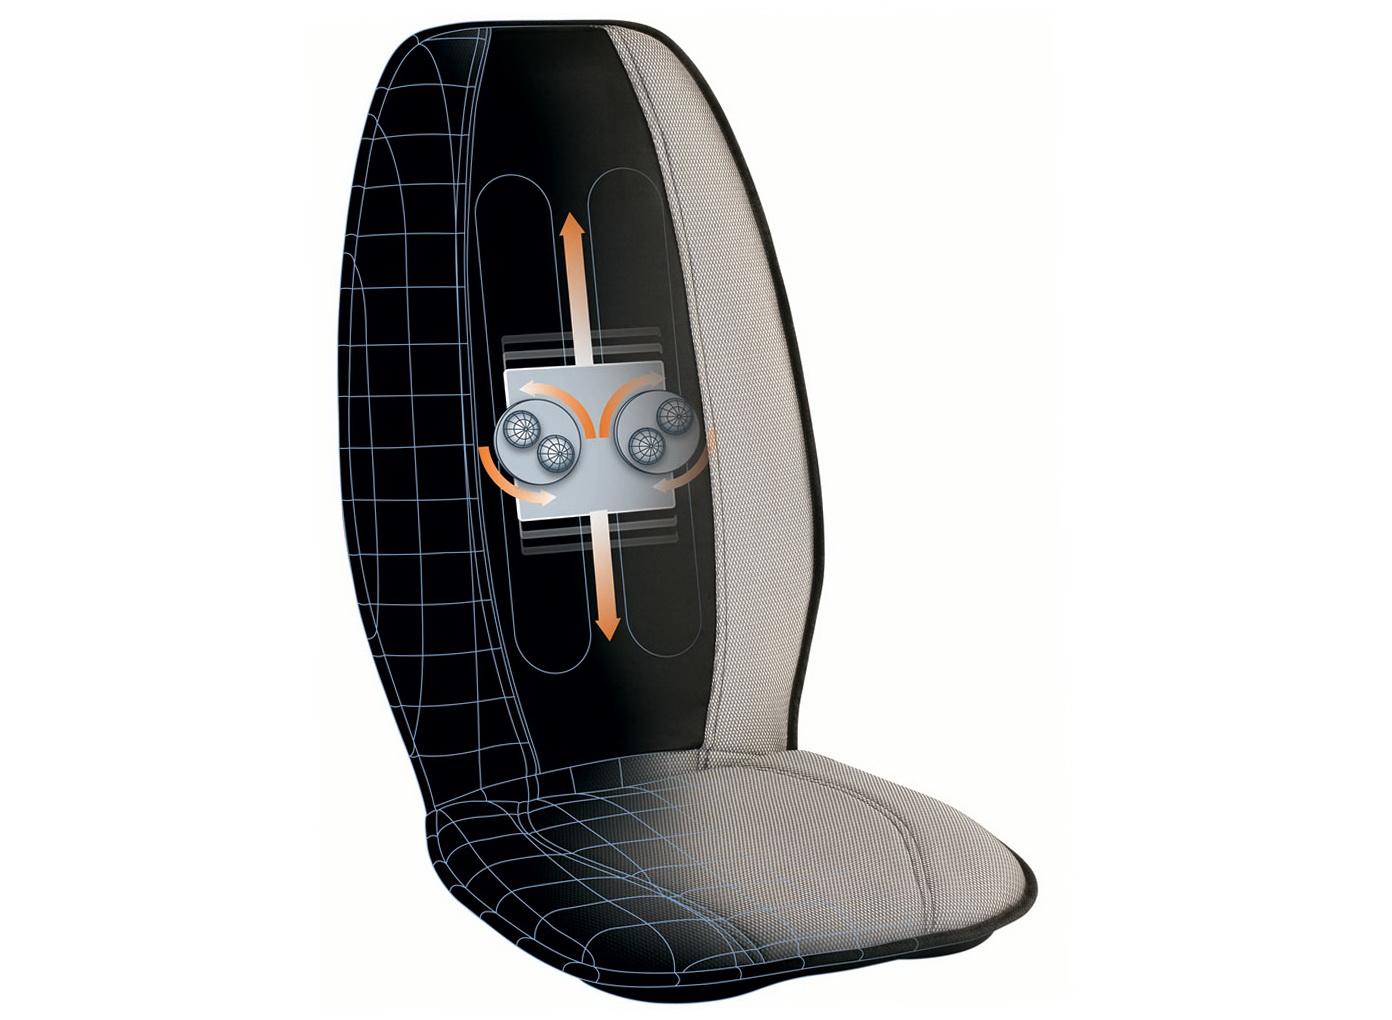 Homedics Shiatsu Massaging Cushion Sbm 300